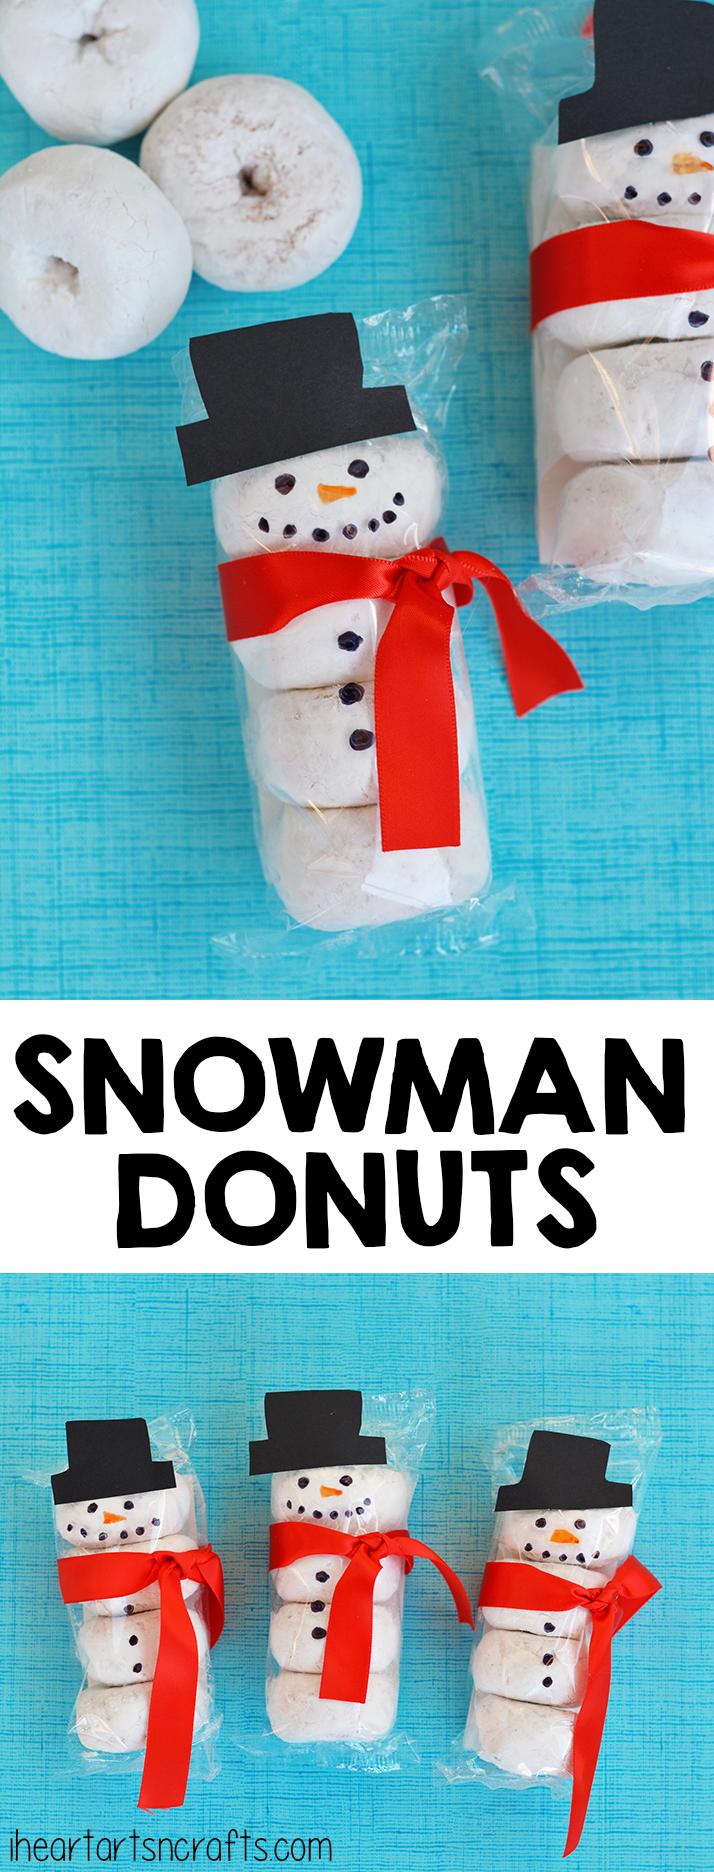 Goose reccomend Family fun doughnut snowman